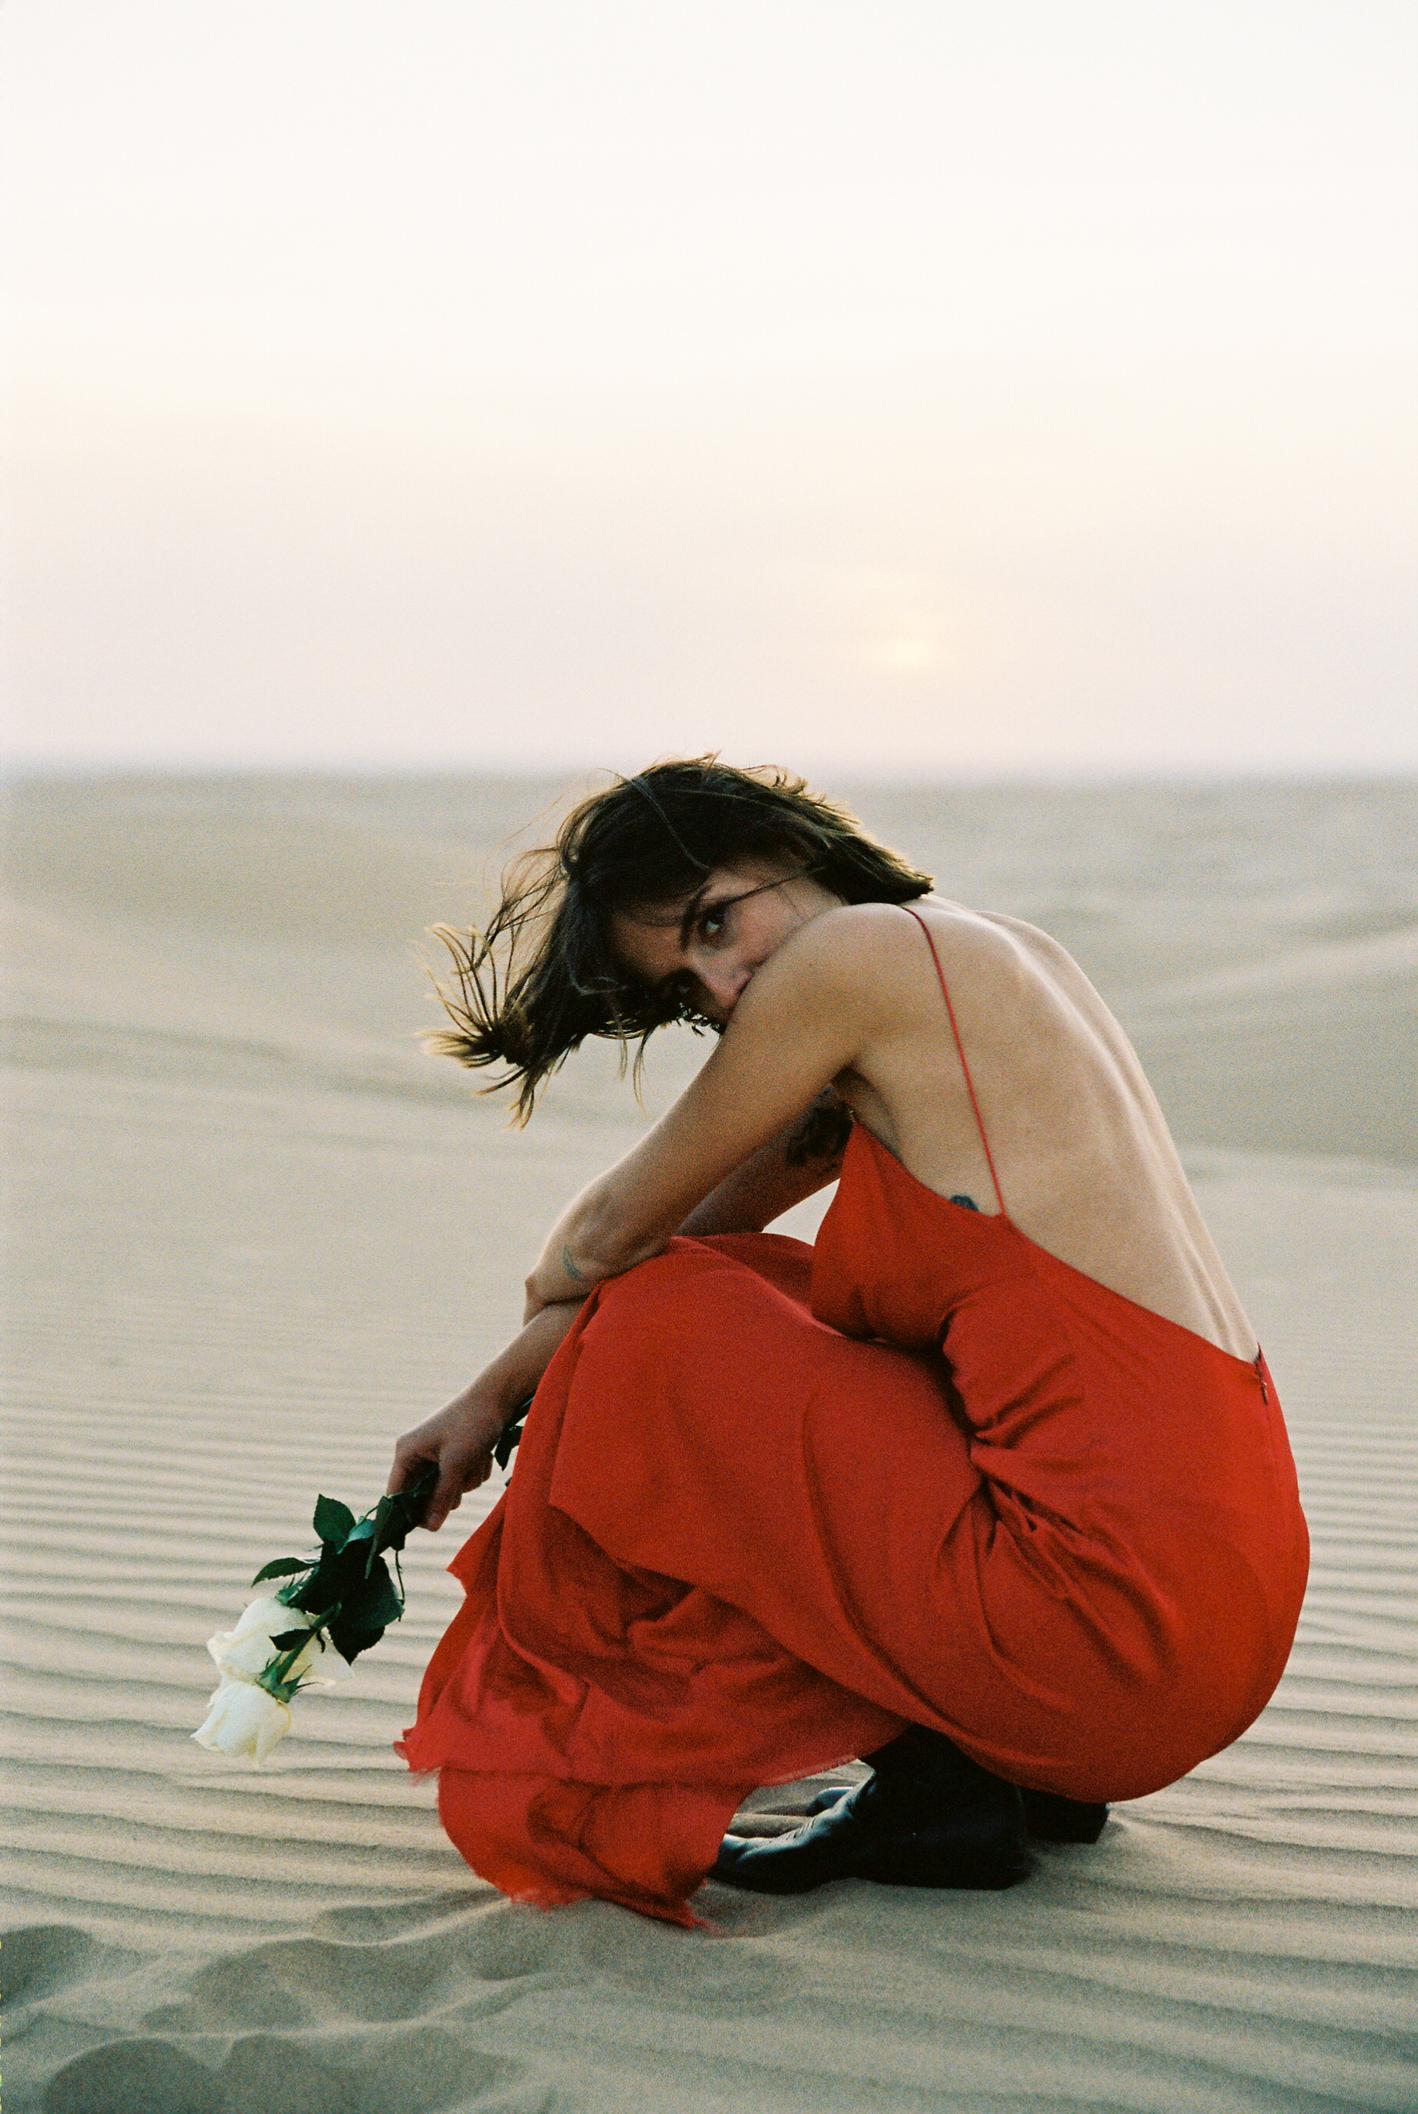 DesertFilm2 (97 of 101).jpg